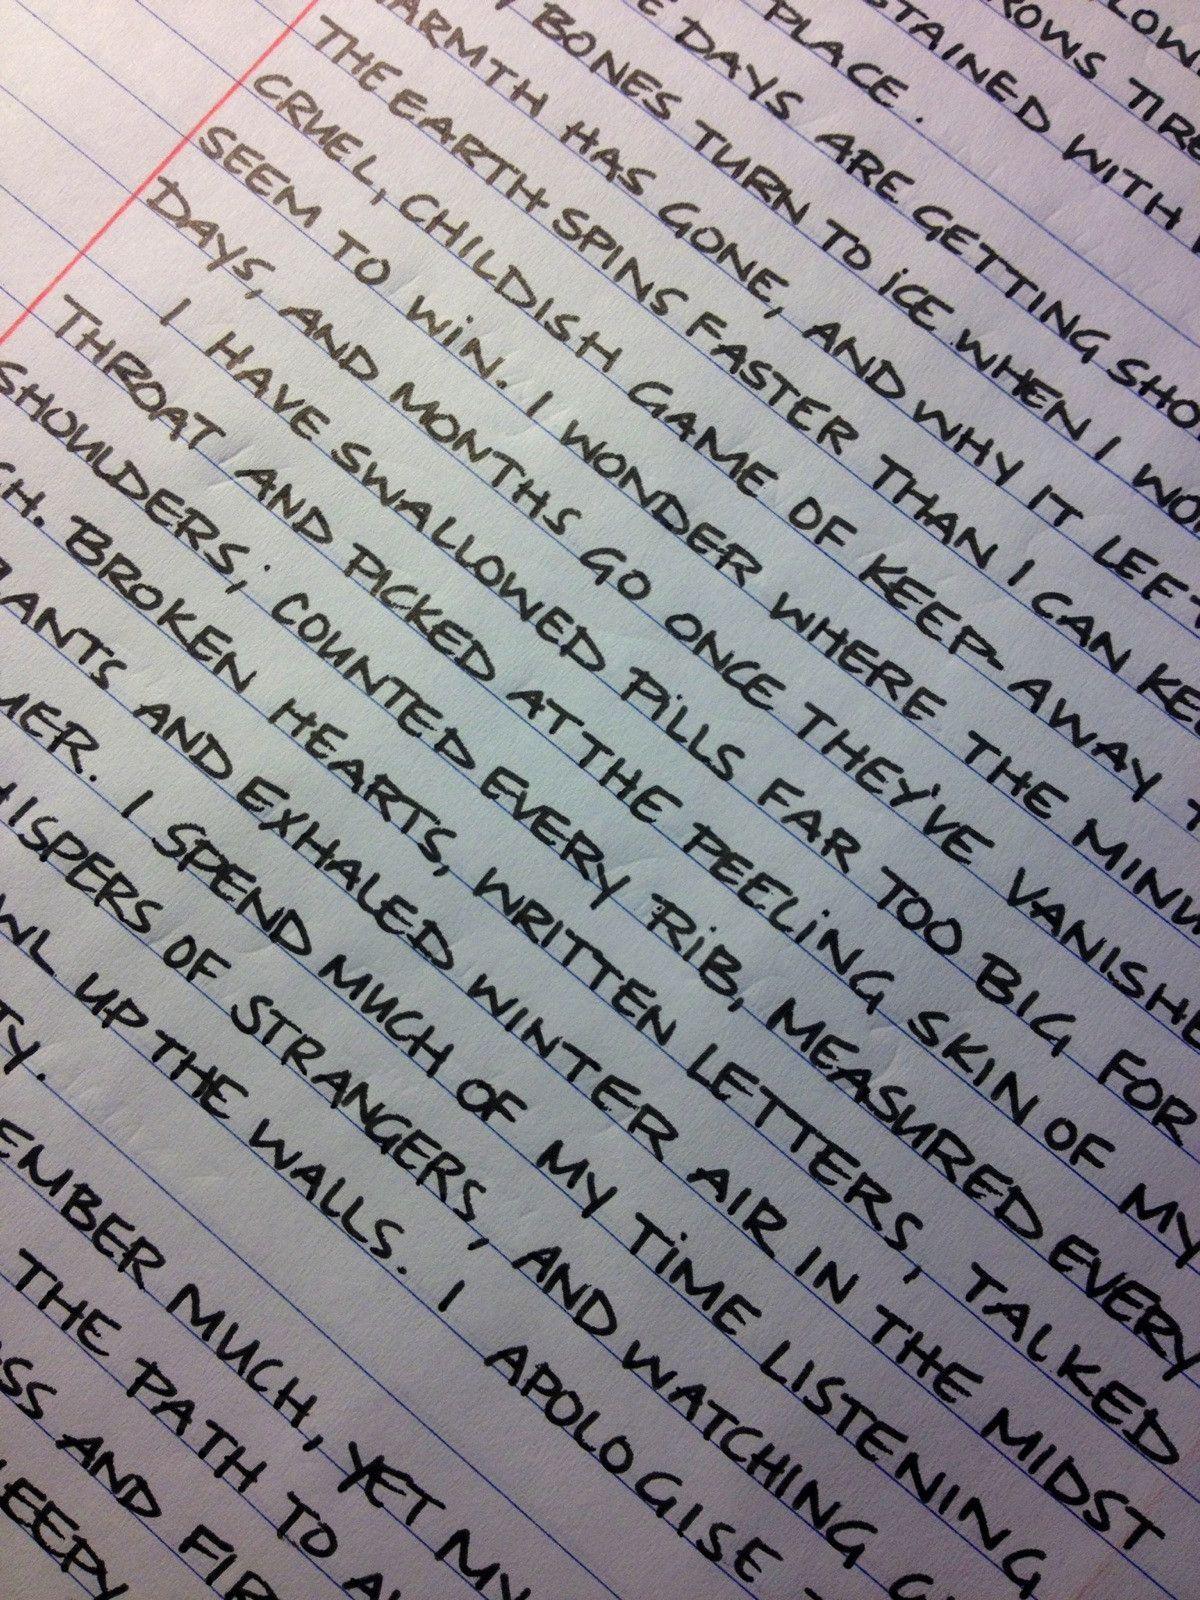 tanzeela12 | Handwritings | Pinterest | Handschriften, Schrift und ...